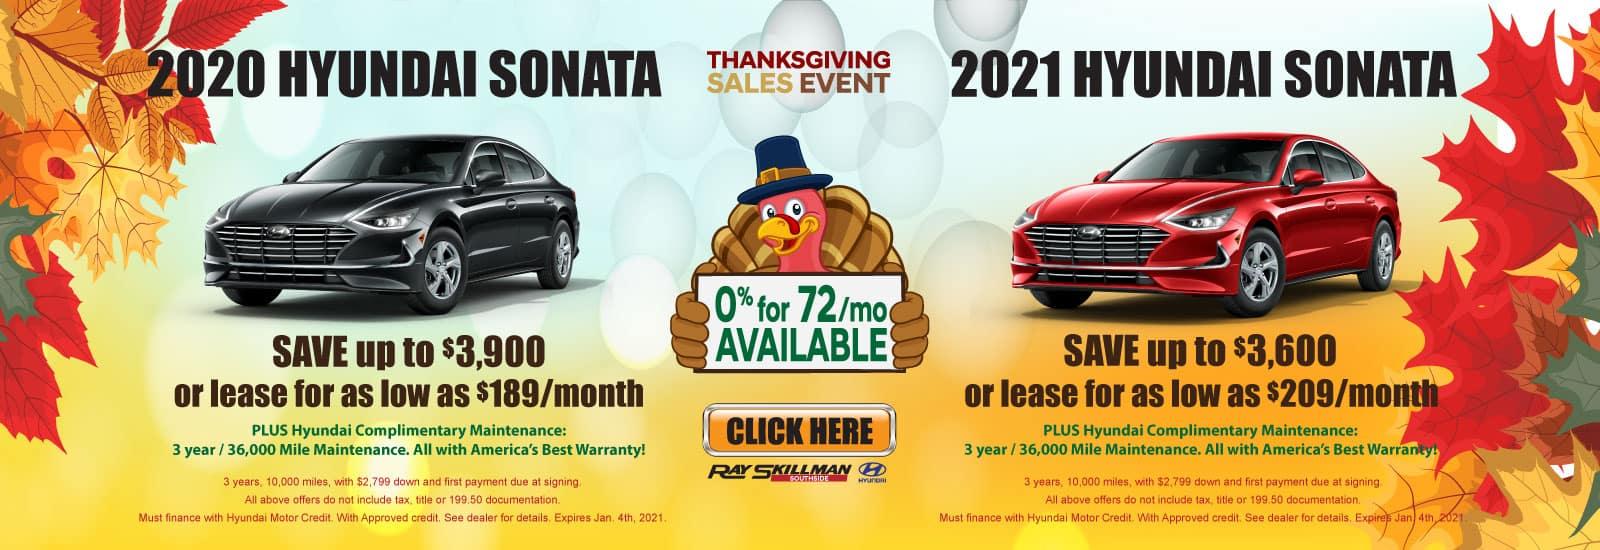 2020-&-2021-Hyundai-Sonata-Web-Banner-1600×550